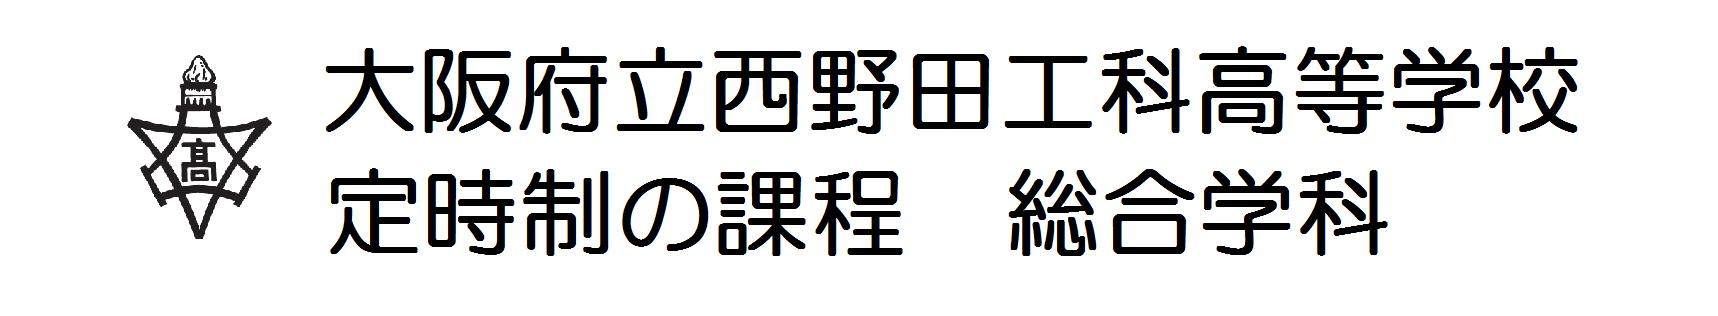 大阪府立西野田工科高等学校 定時制の課程